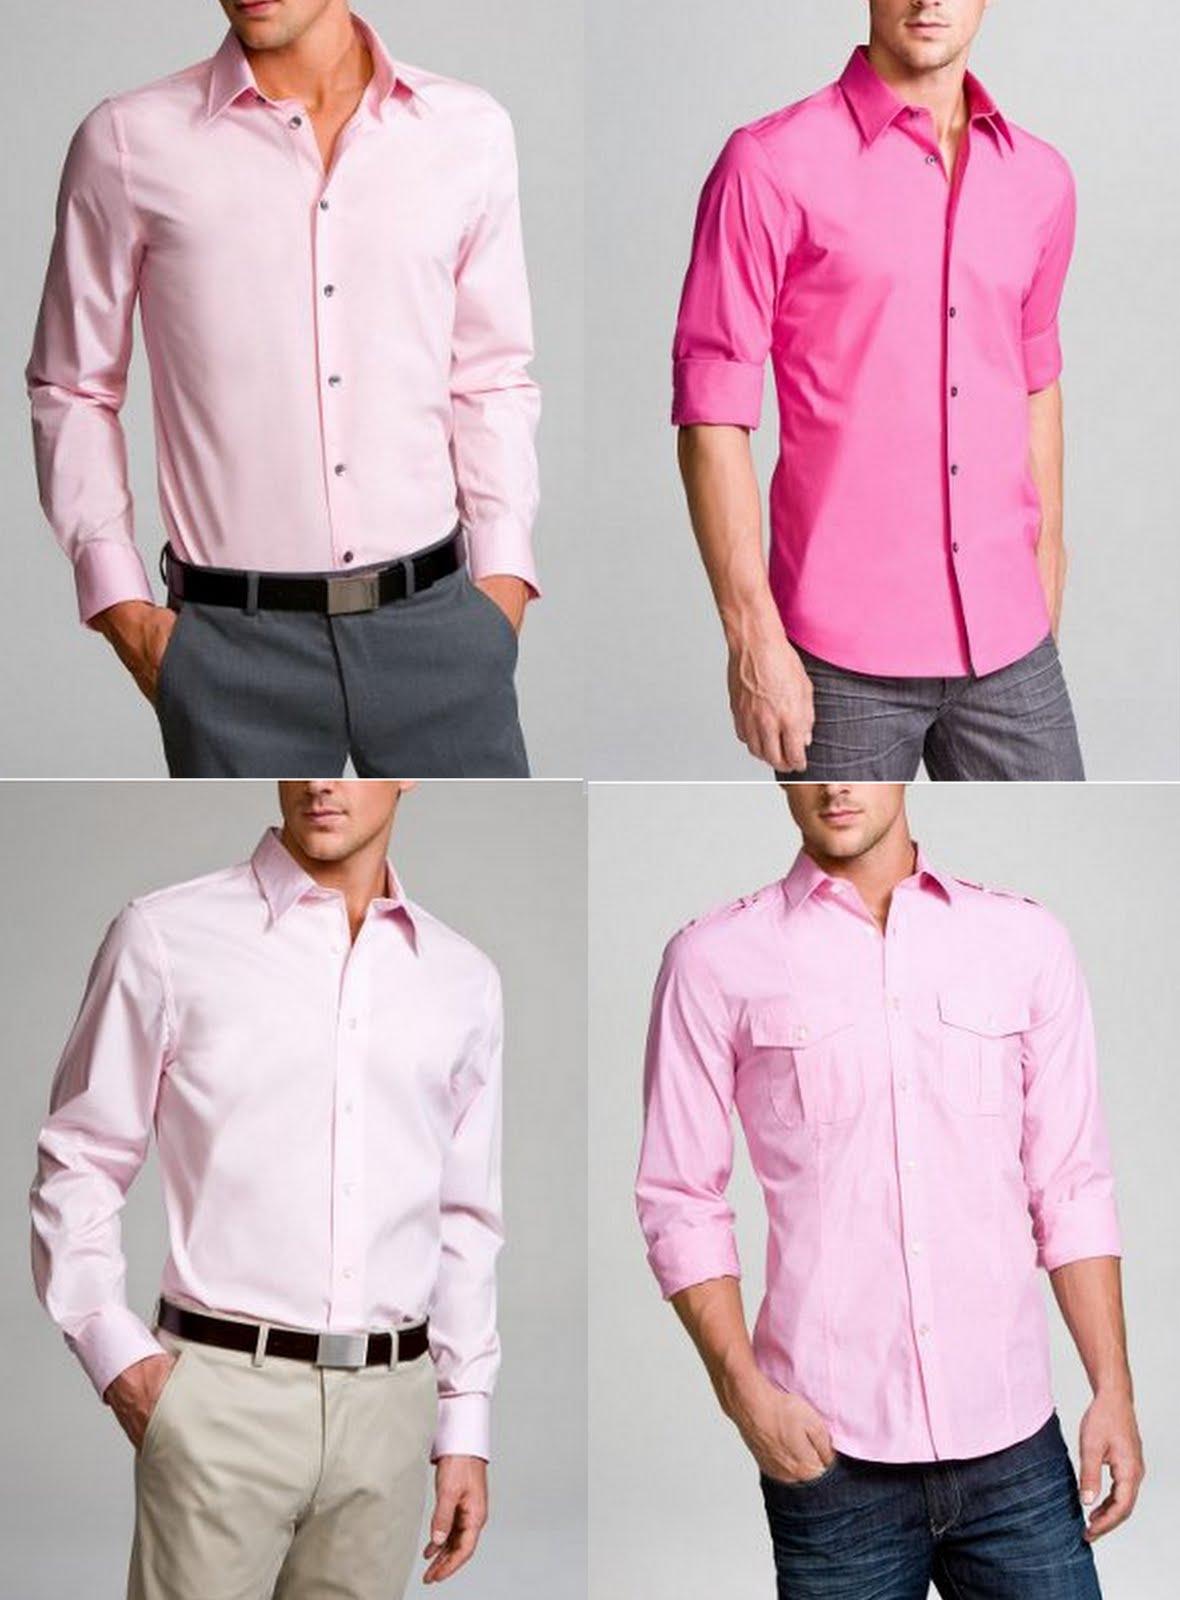 33 Рубашка и брюки мужские сочетание цветов